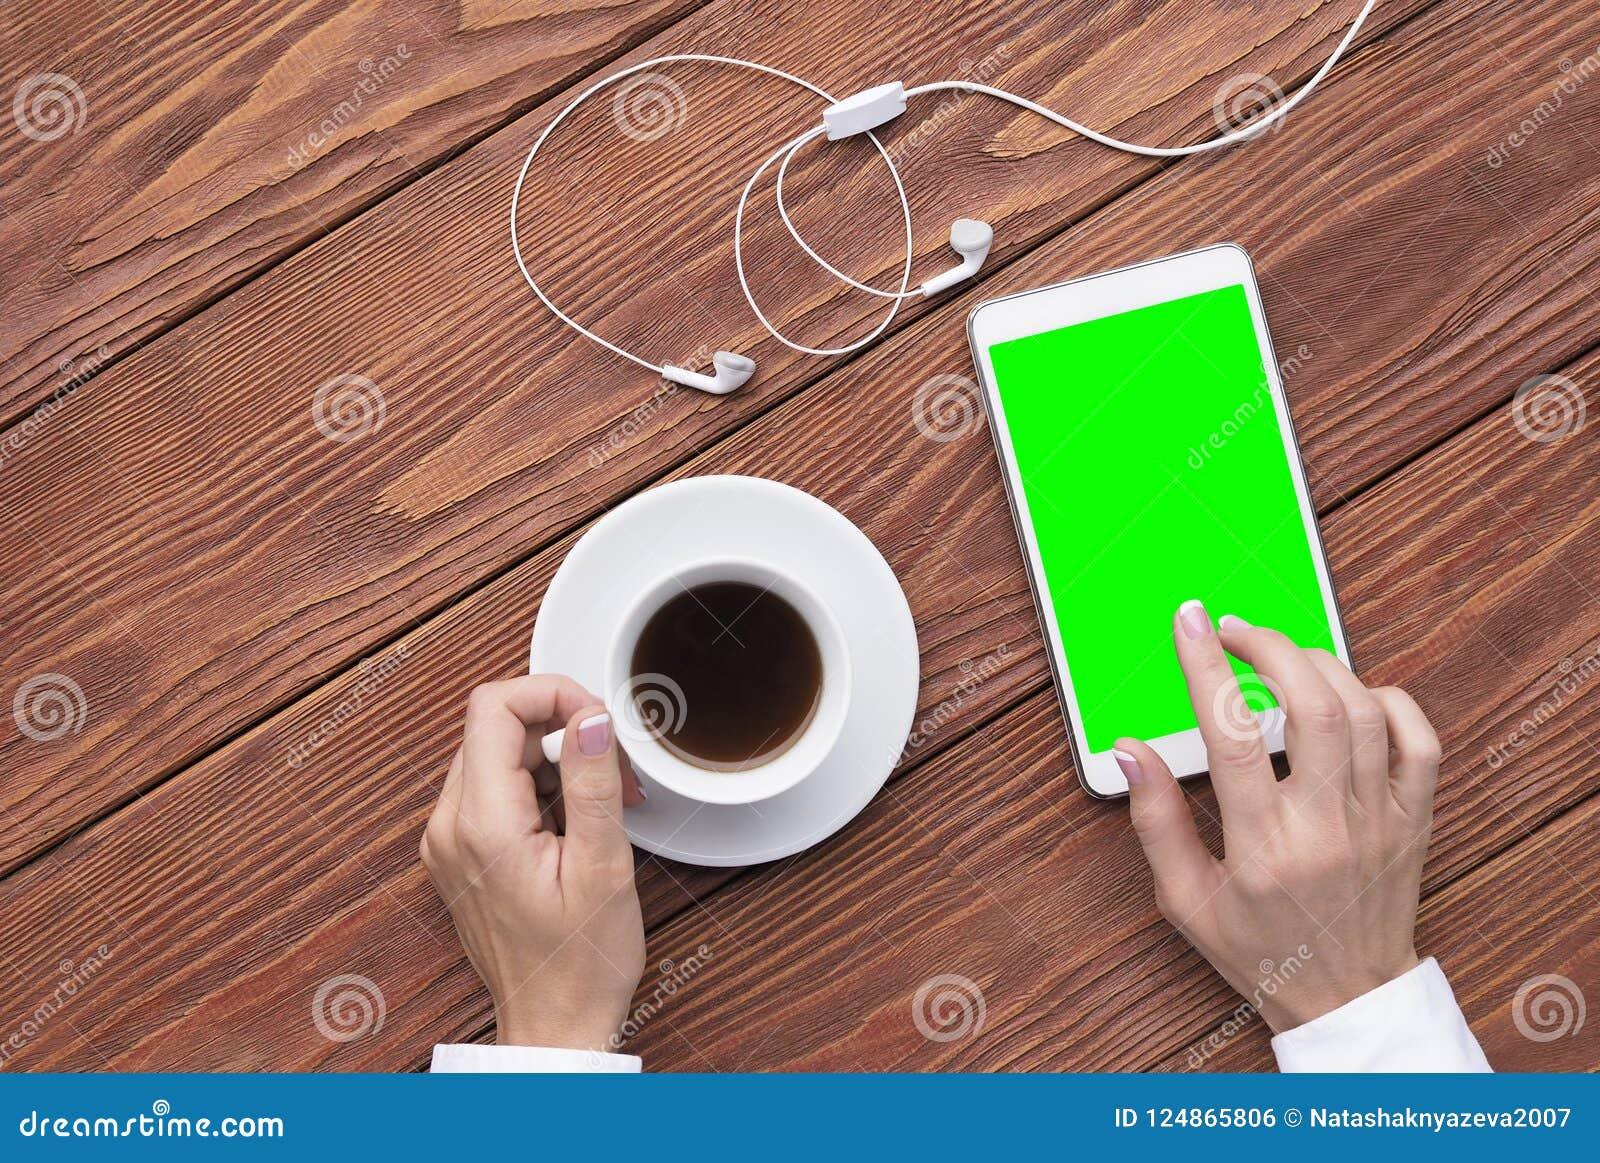 Kobieta wręcza używać mockup cyfrowi pastylki, filiżanki kawy i białych hełmofony na brown drewnianym biurku, odgórny widok